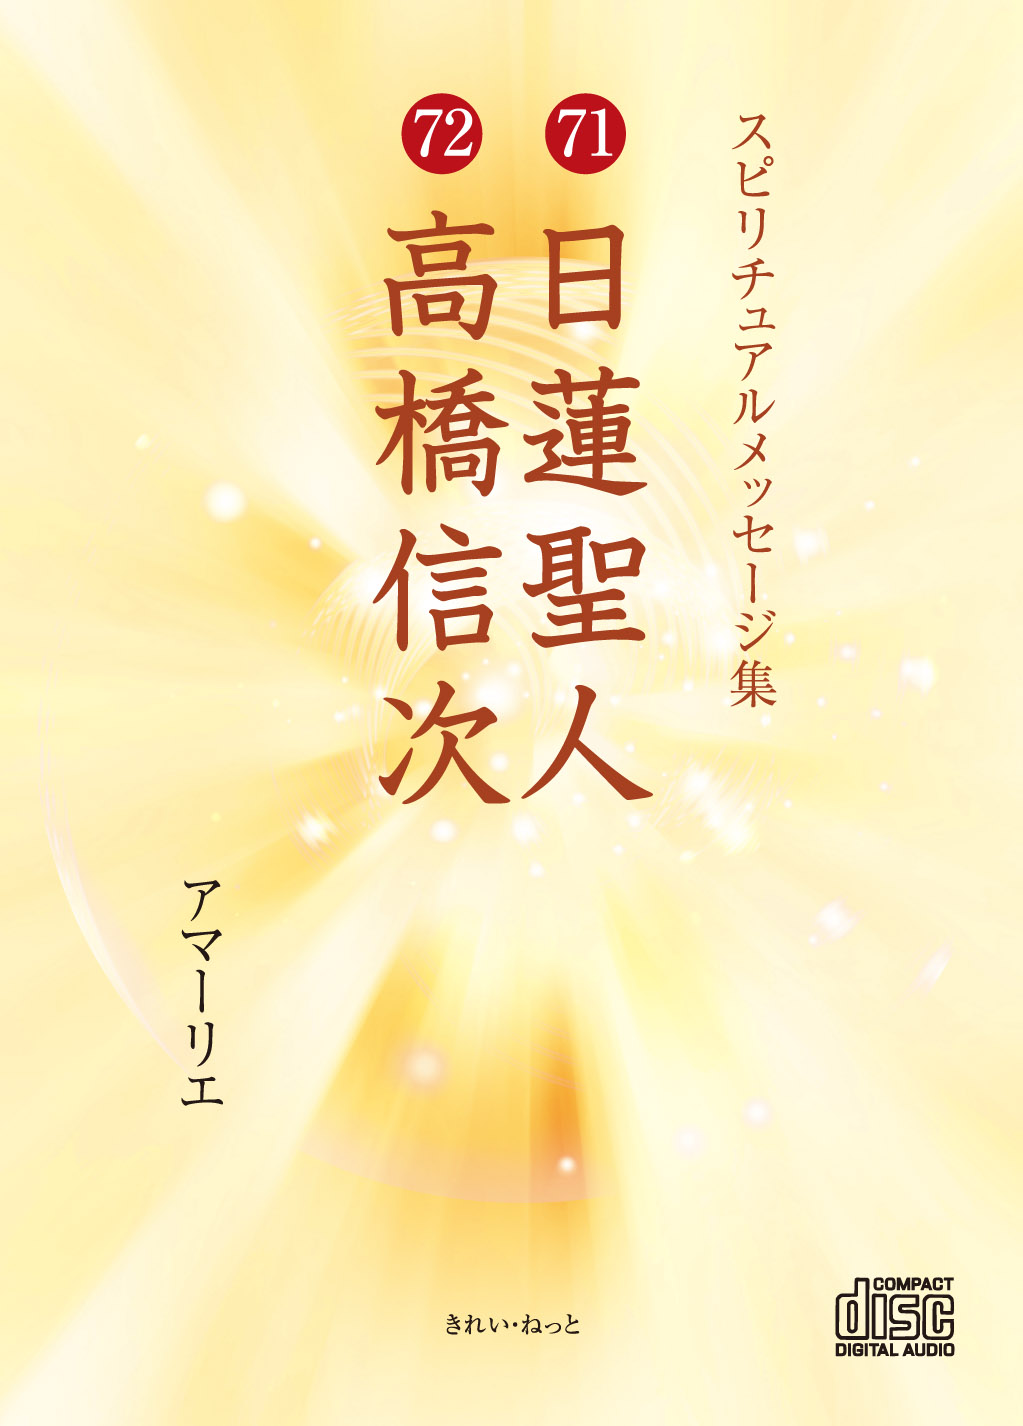 画像1: スピリチュアルメッセージ集CD 71 日蓮聖人 72 高橋信次 (1)